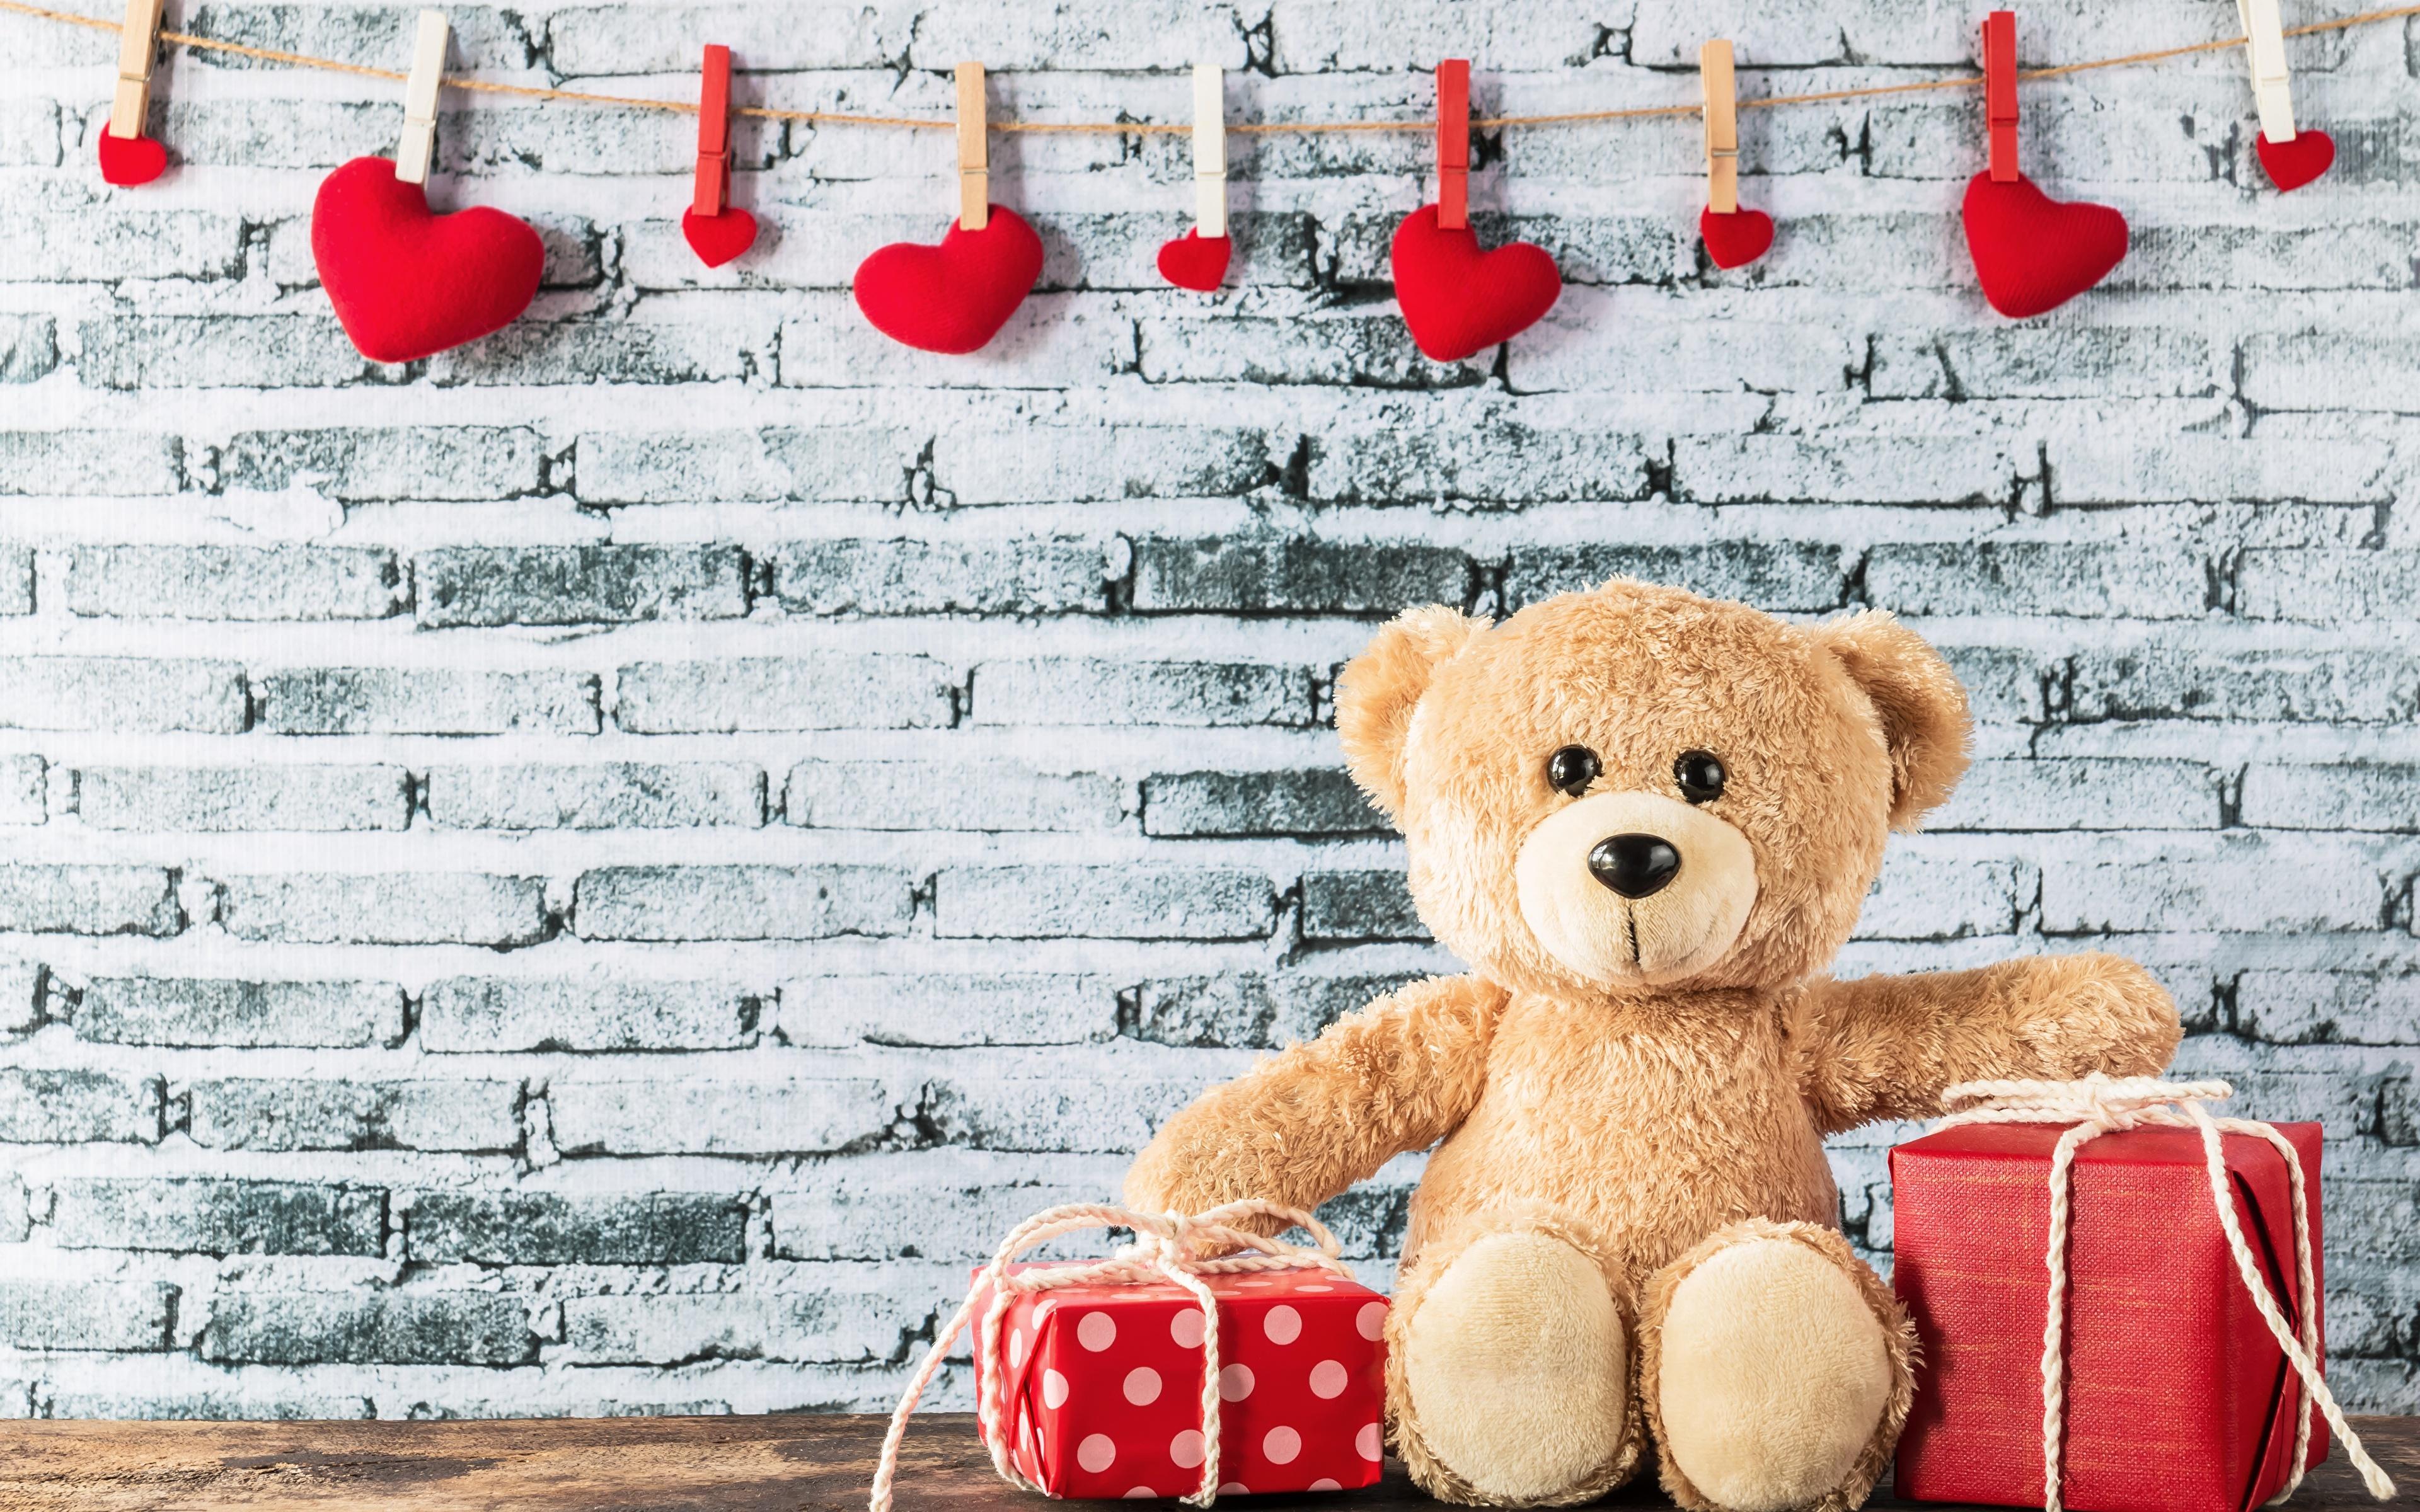 Bilder von Valentinstag Herz Geschenke Teddybär 3840x2400 Teddy Knuddelbär